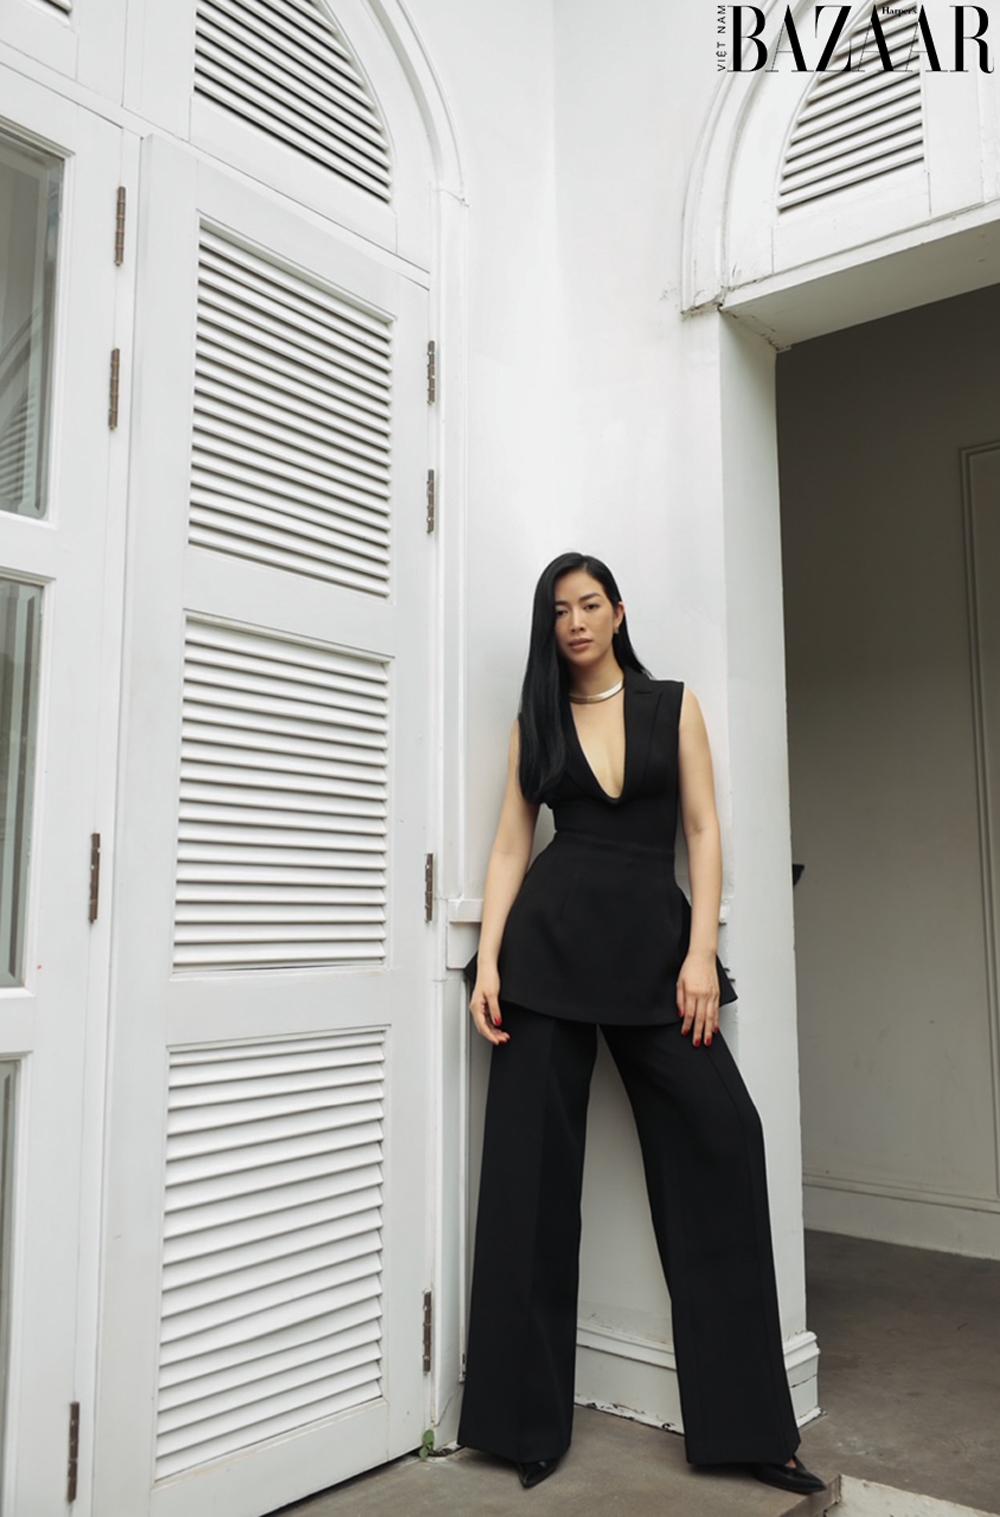 Mai Thanh Hà khoe eo thon trong đầm LBD, tiết lộ bí quyết giữ dáng 4